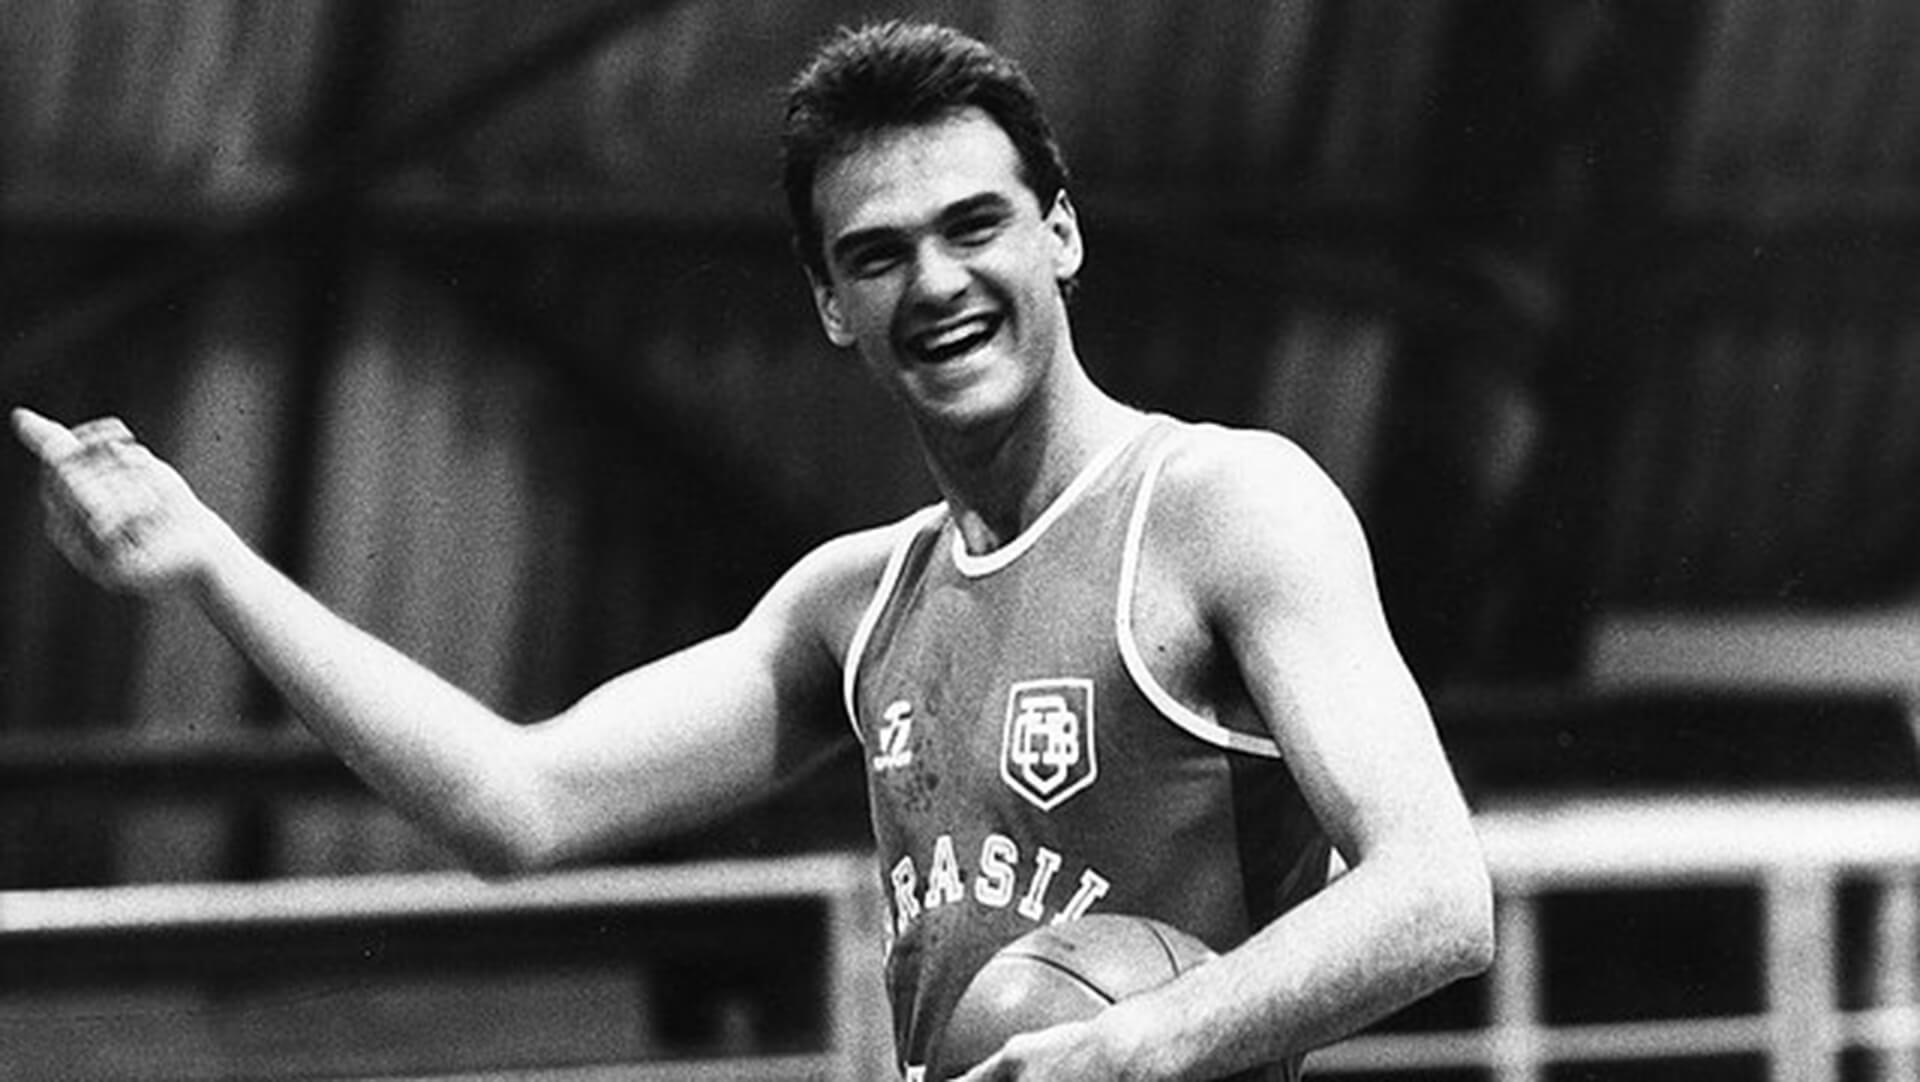 Storie di Basket 2020-21: un grande campione del passato come Oscar Schmidt intervistato via web da Vanni Zagnoli